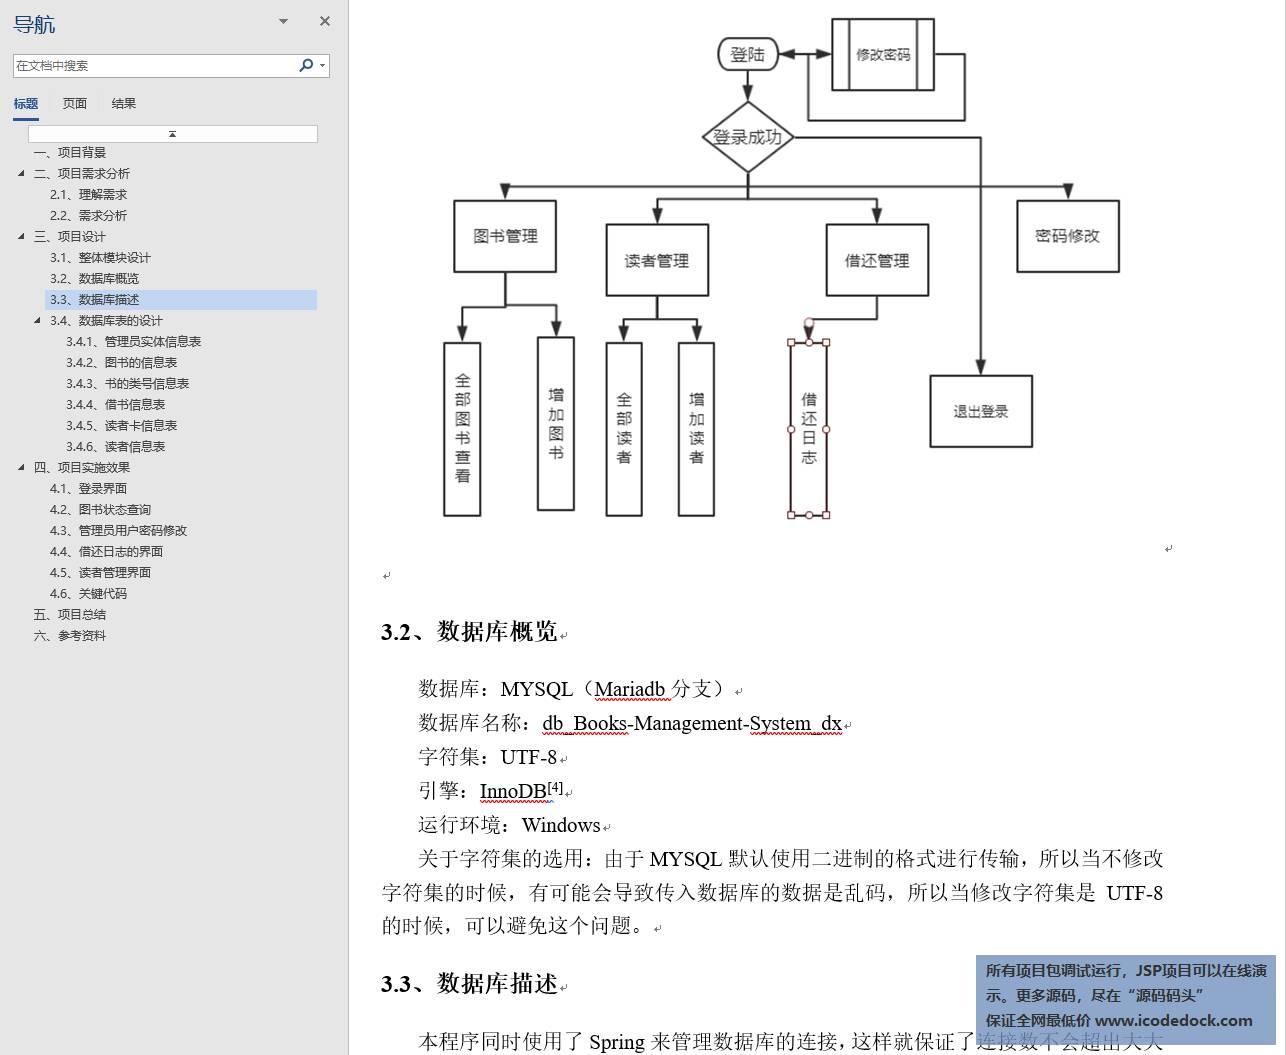 源码码头-Spring图书借阅管理系统-设计文档-整体模块设计